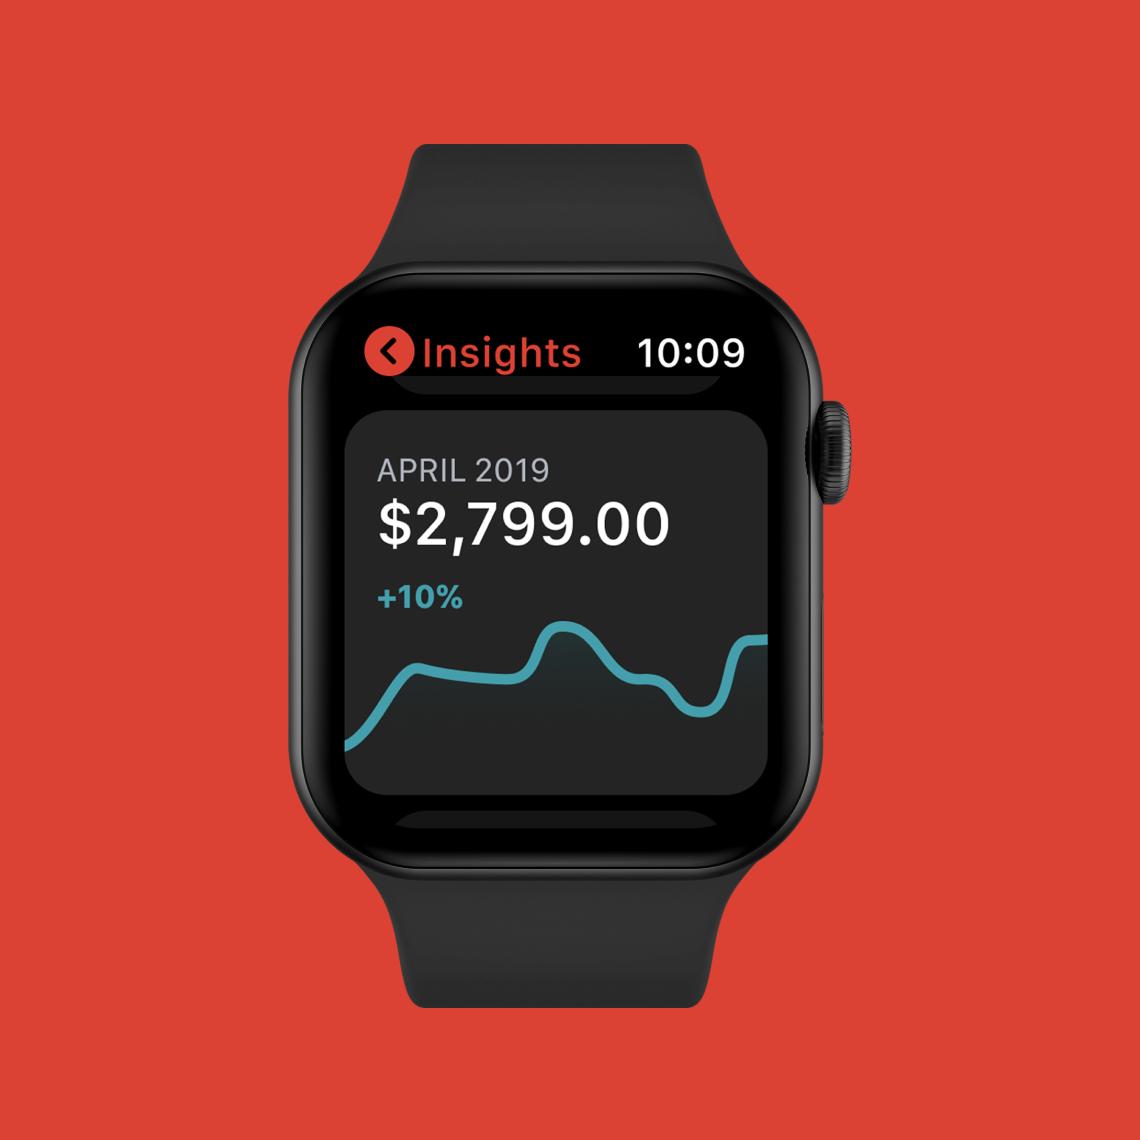 PC Financial Apple Watch App